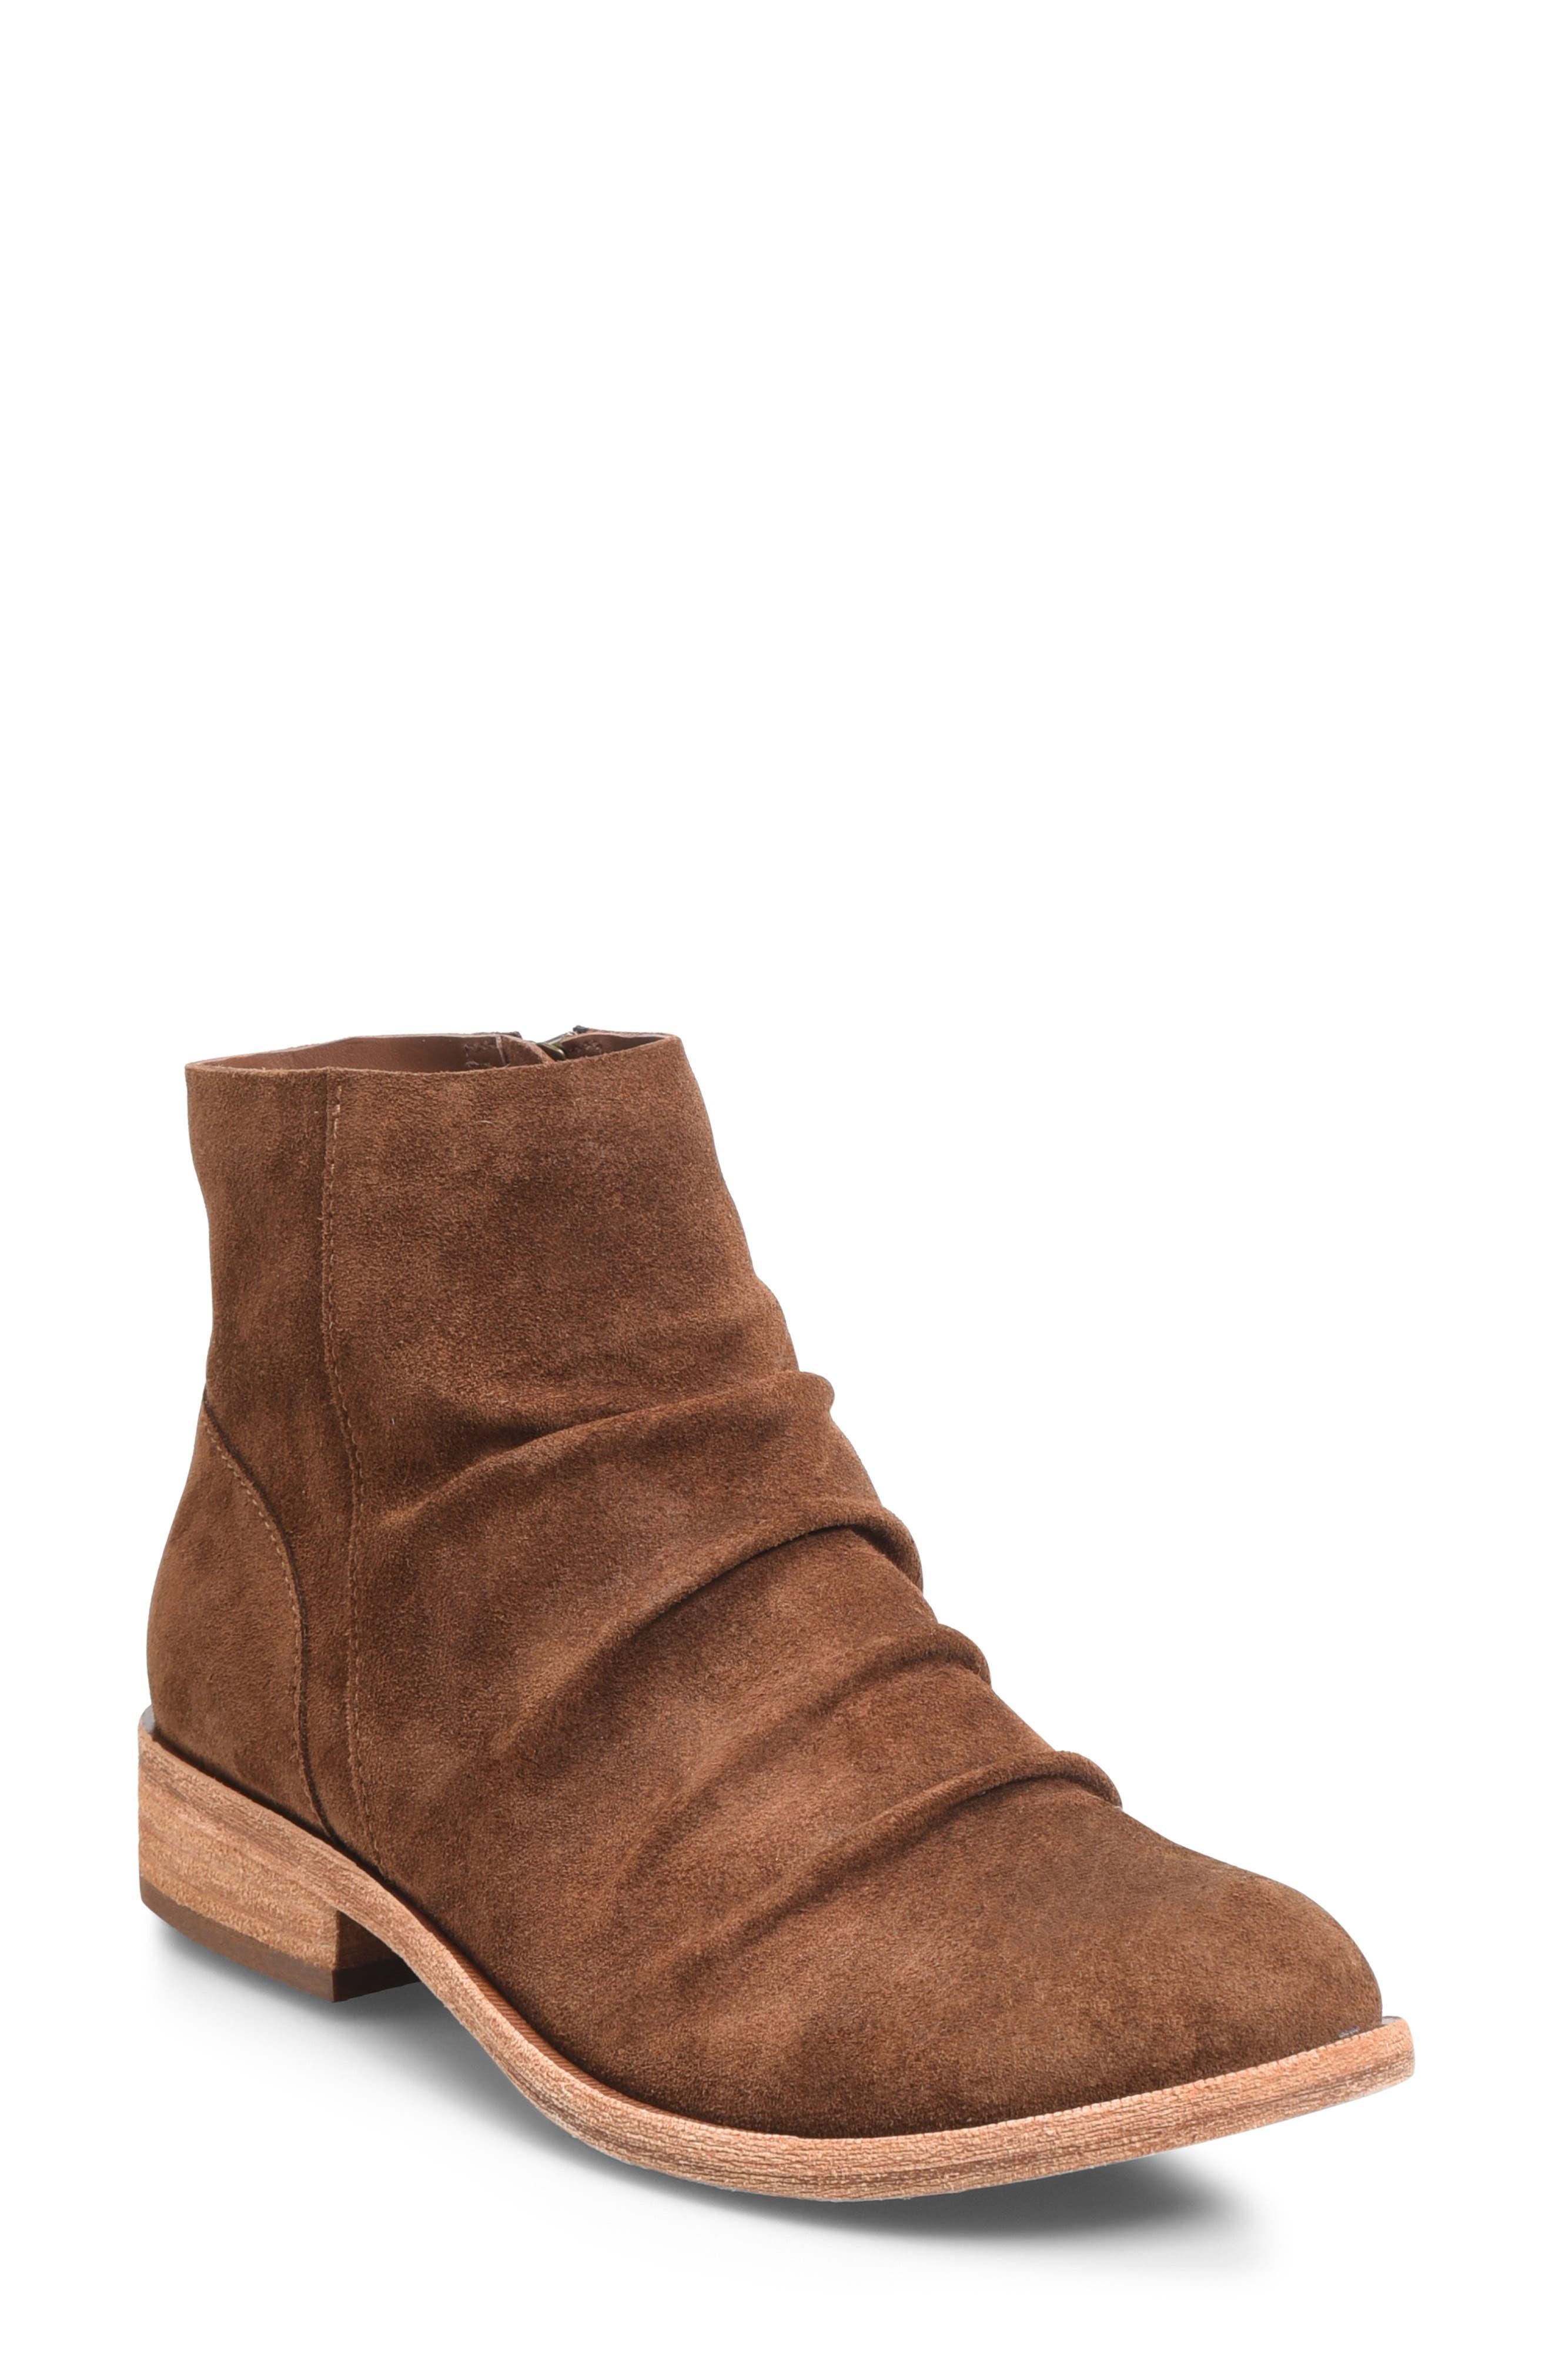 Kork-Ease Giba Boot, Brown